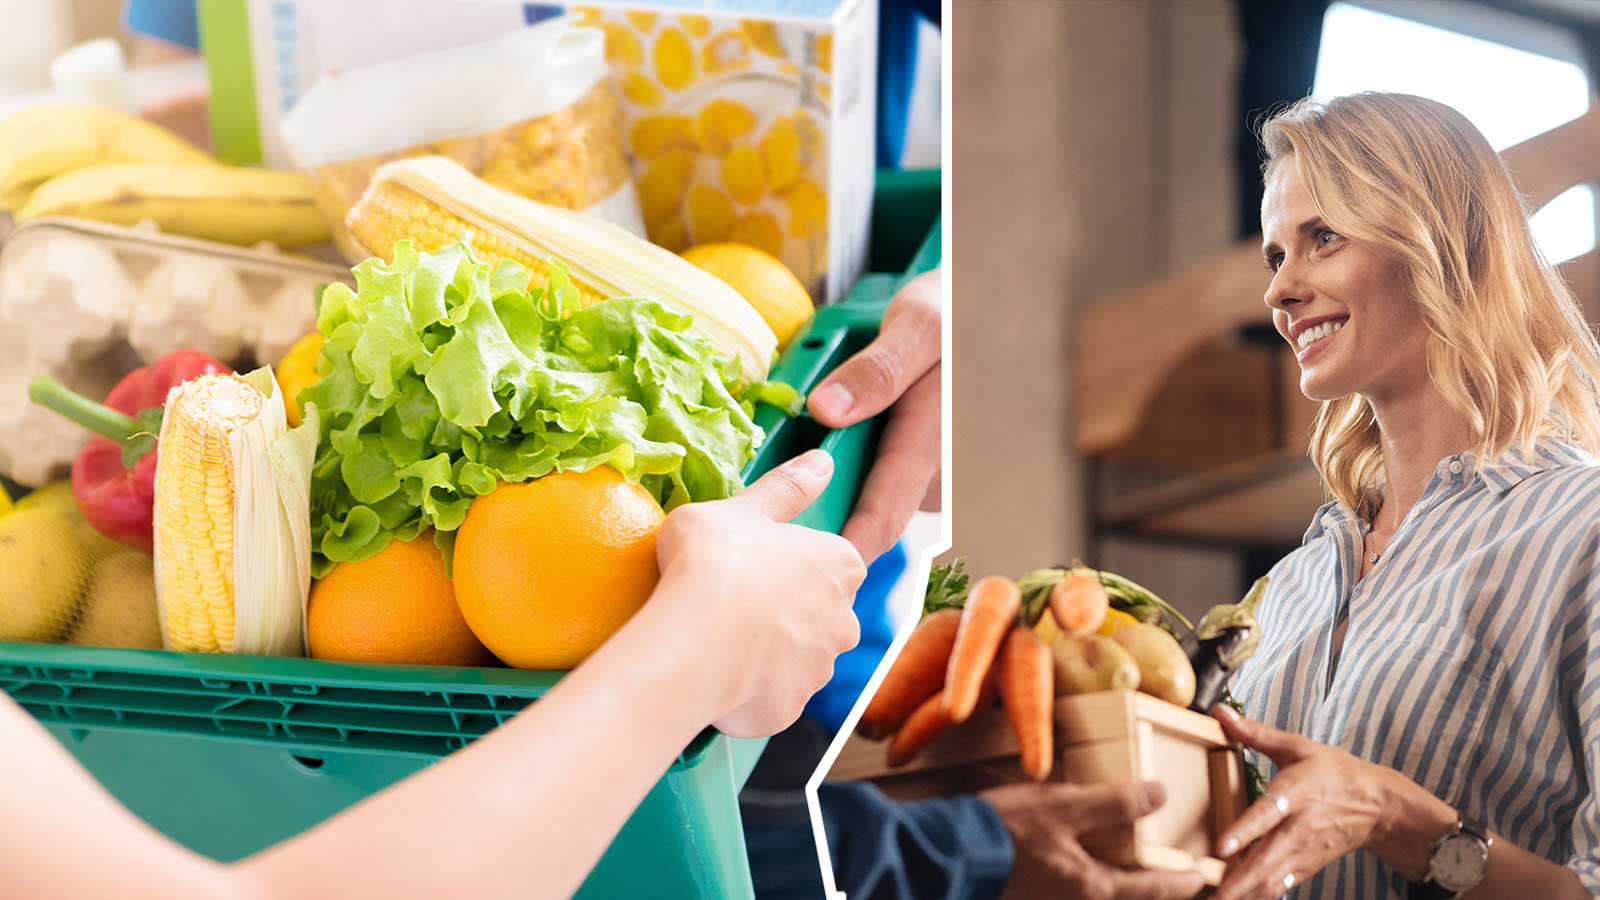 Lebensmittel-Heimlieferung